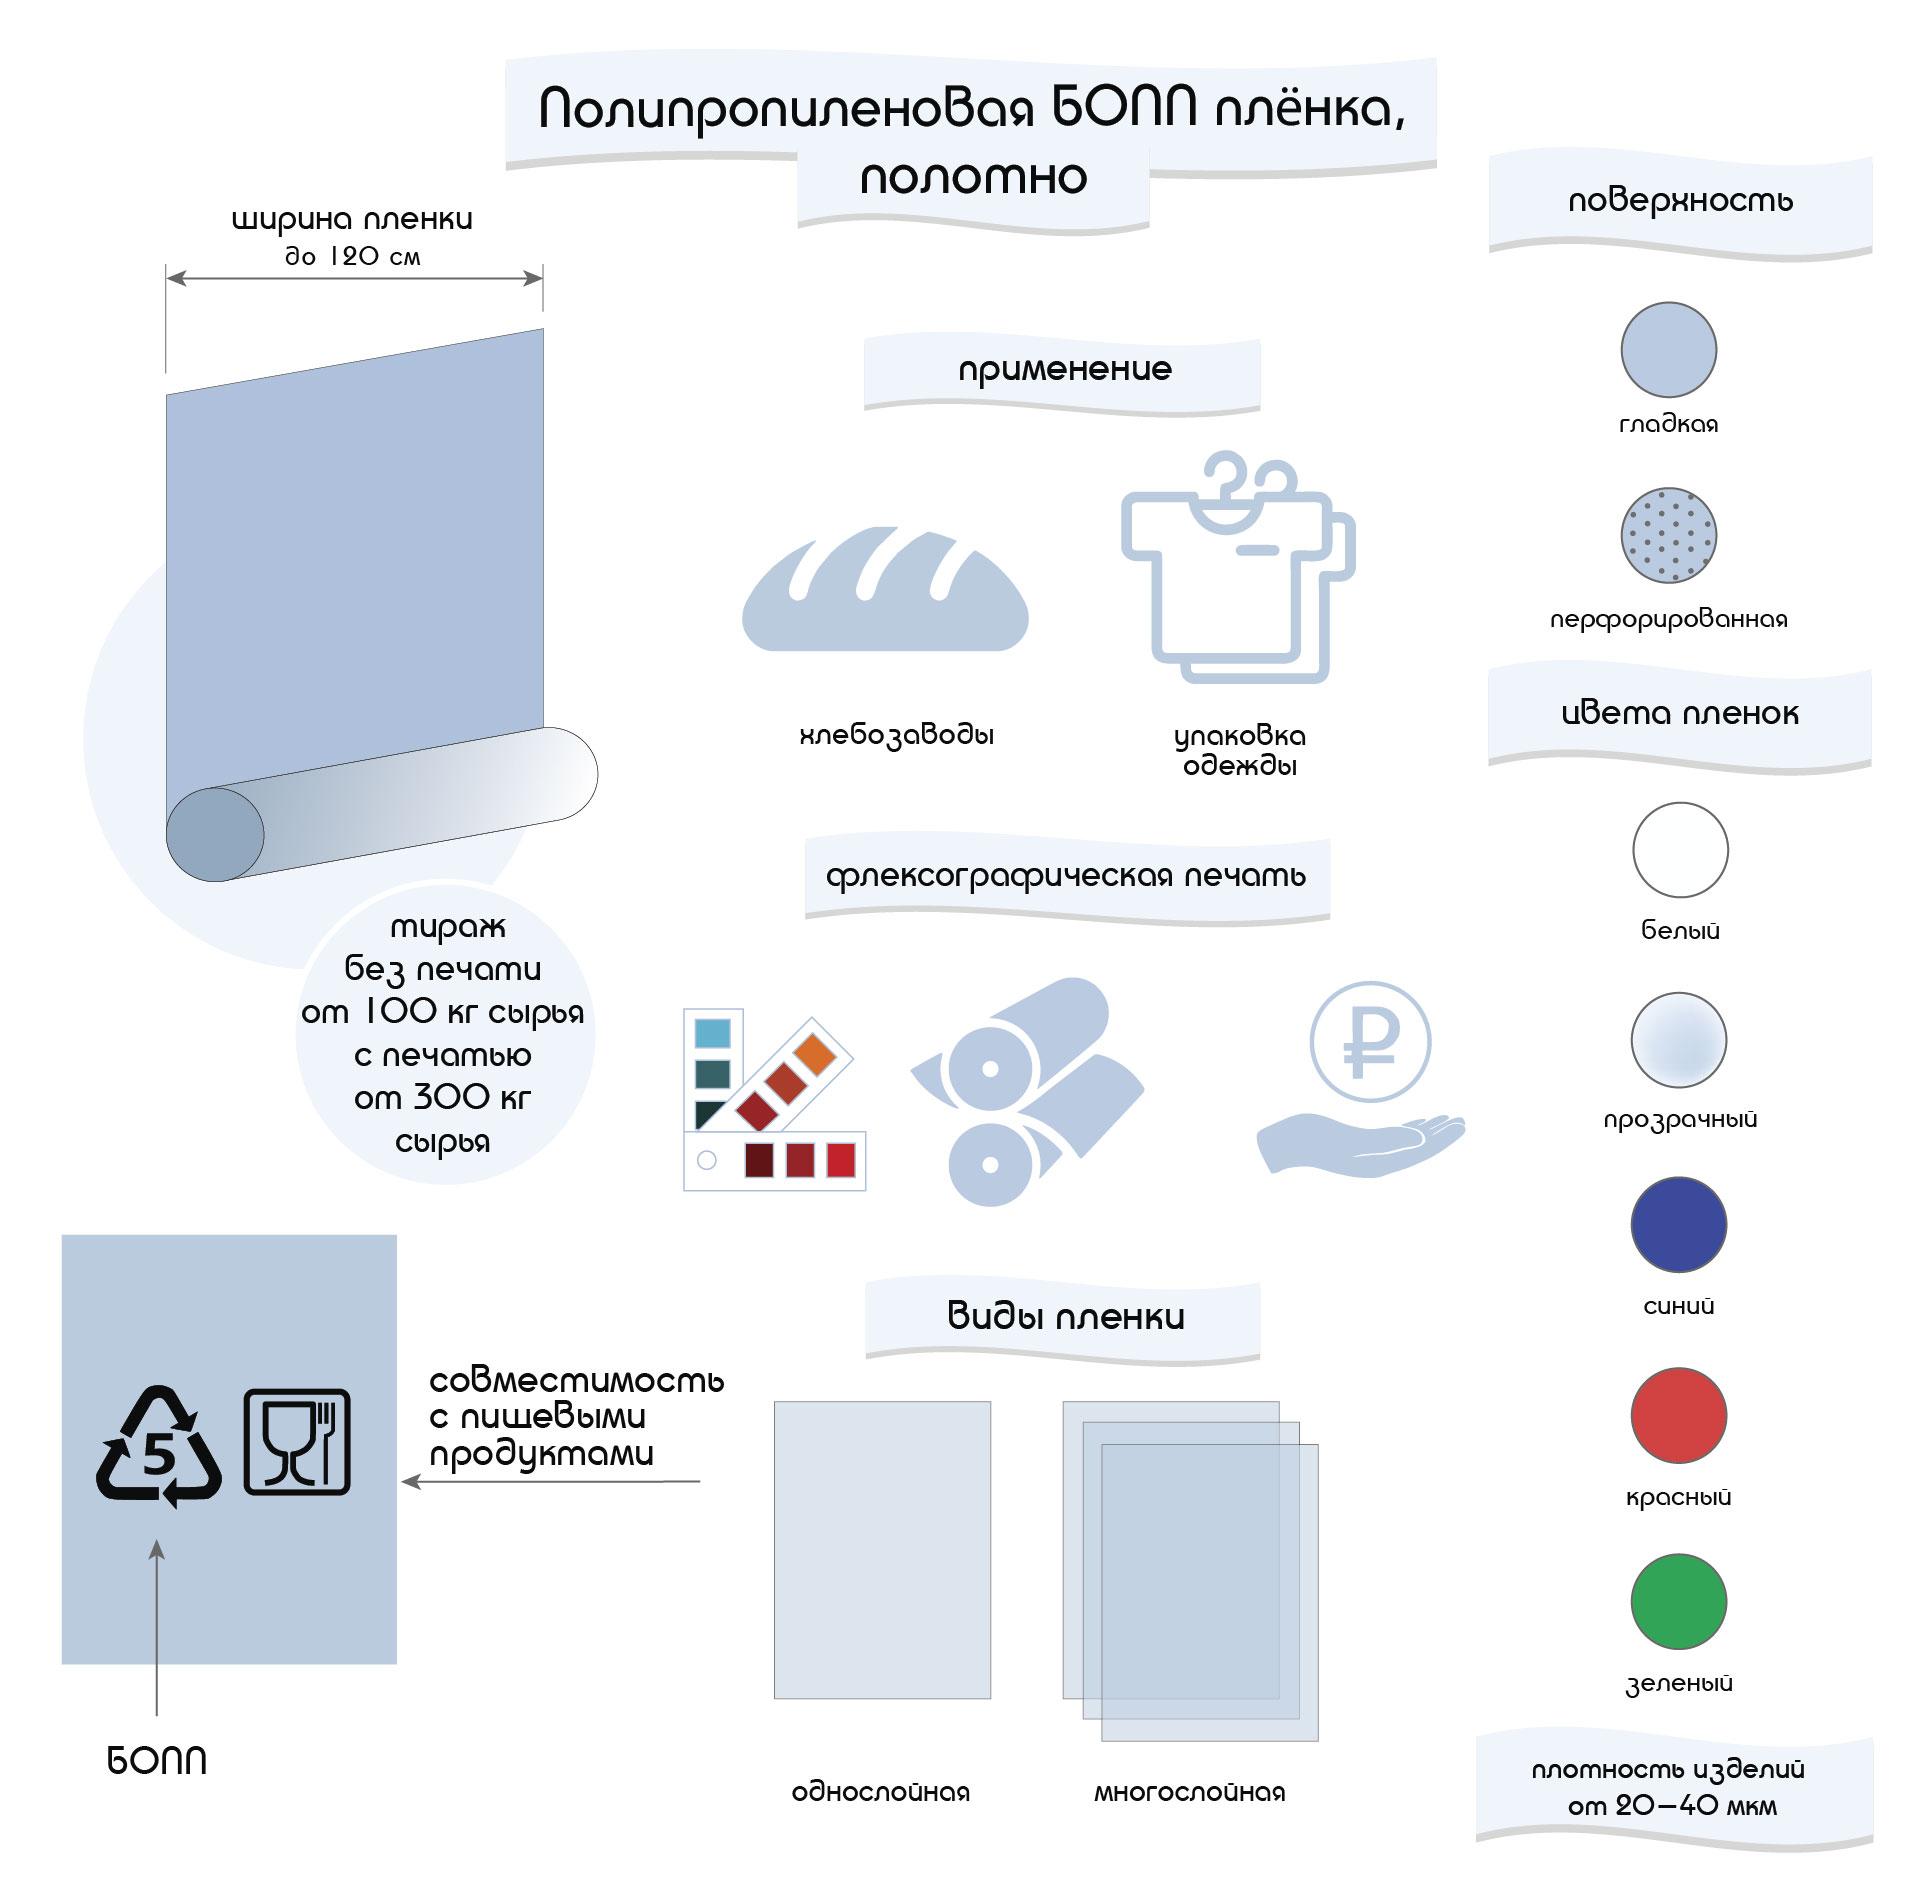 инфографика - полипропиленовая БОПП плёнка